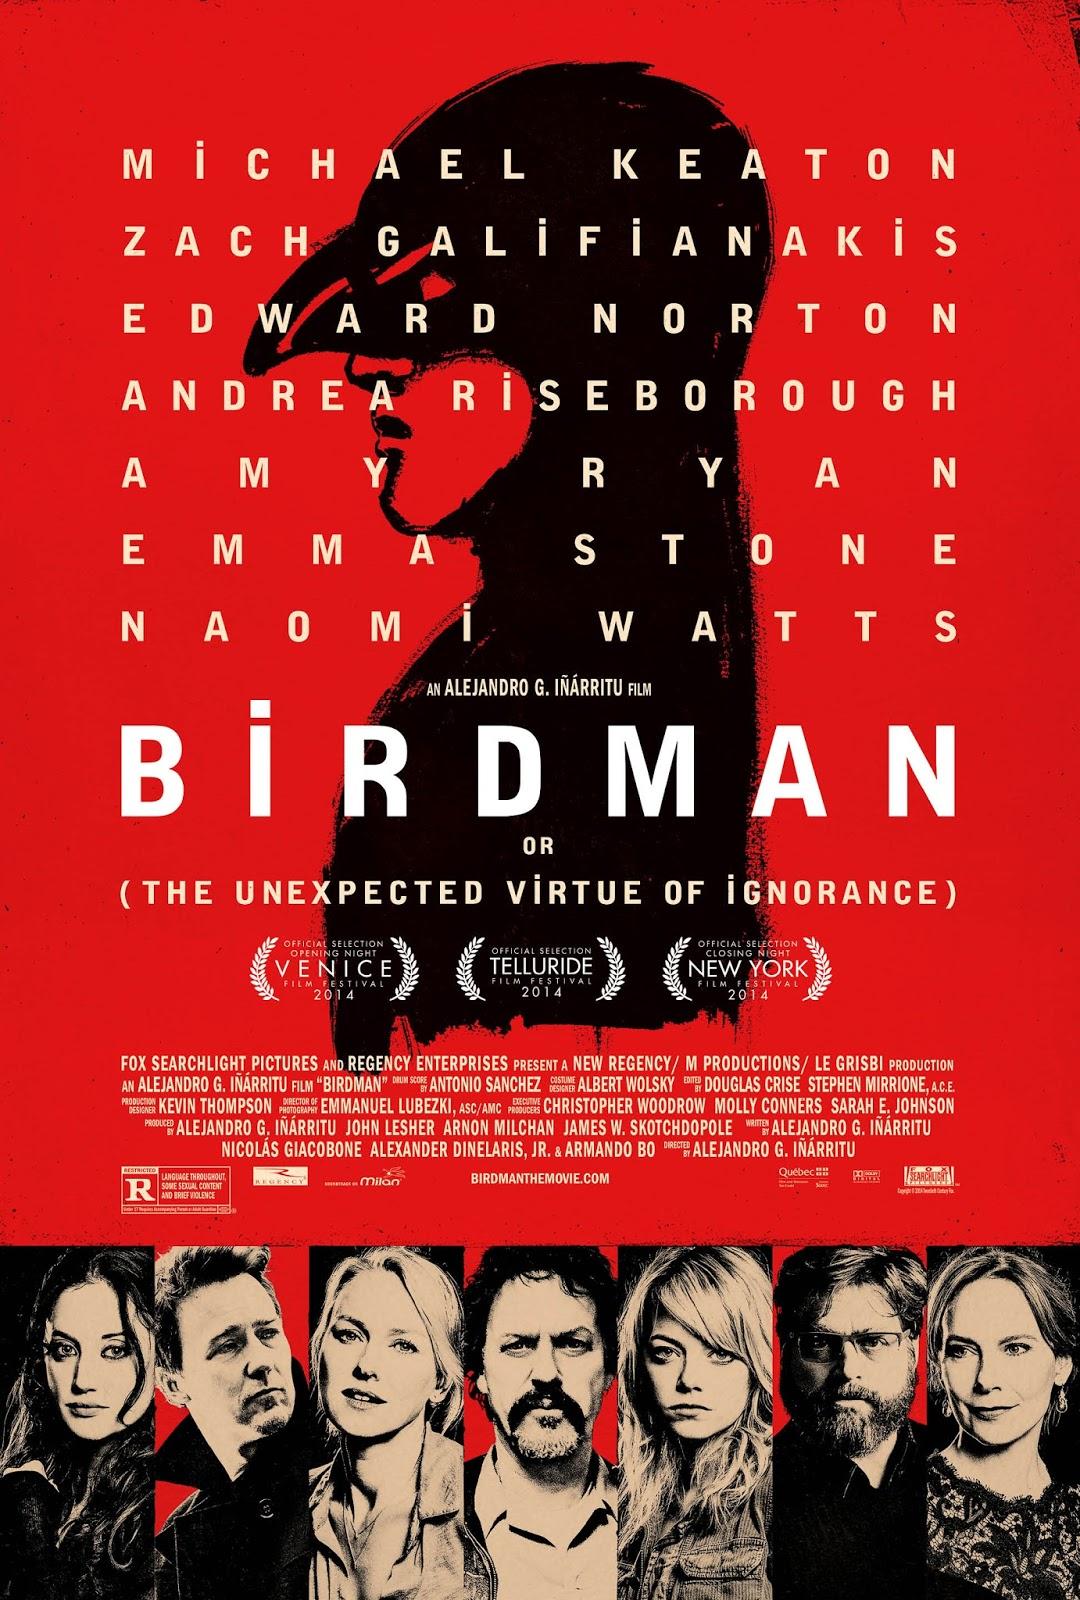 BIRDMAN.jpg